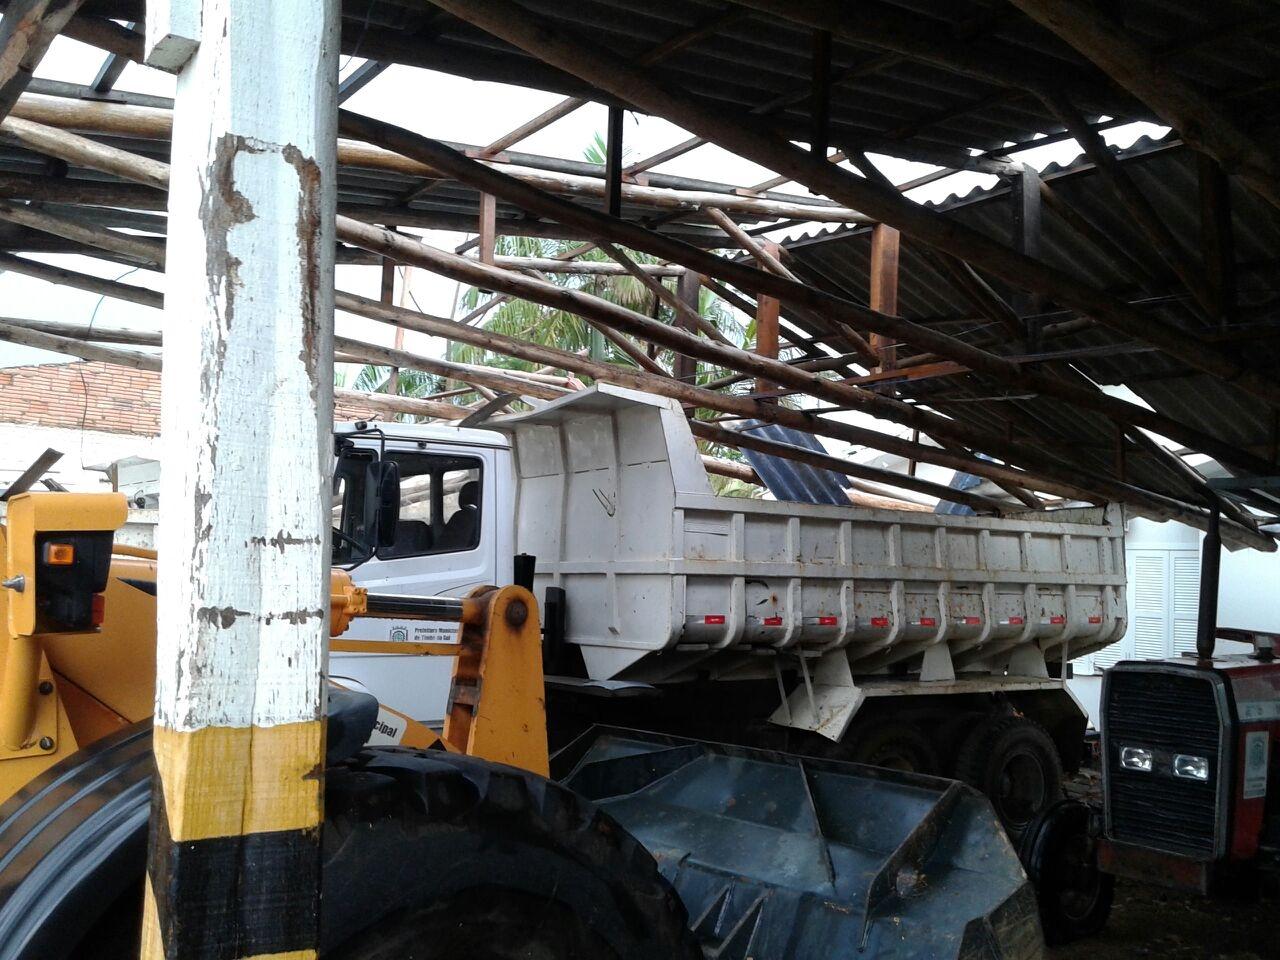 Em Timbé do Sul, o vento destelhou a garagem da prefeitura - Defesa Civil de SC/Divulgação/ND